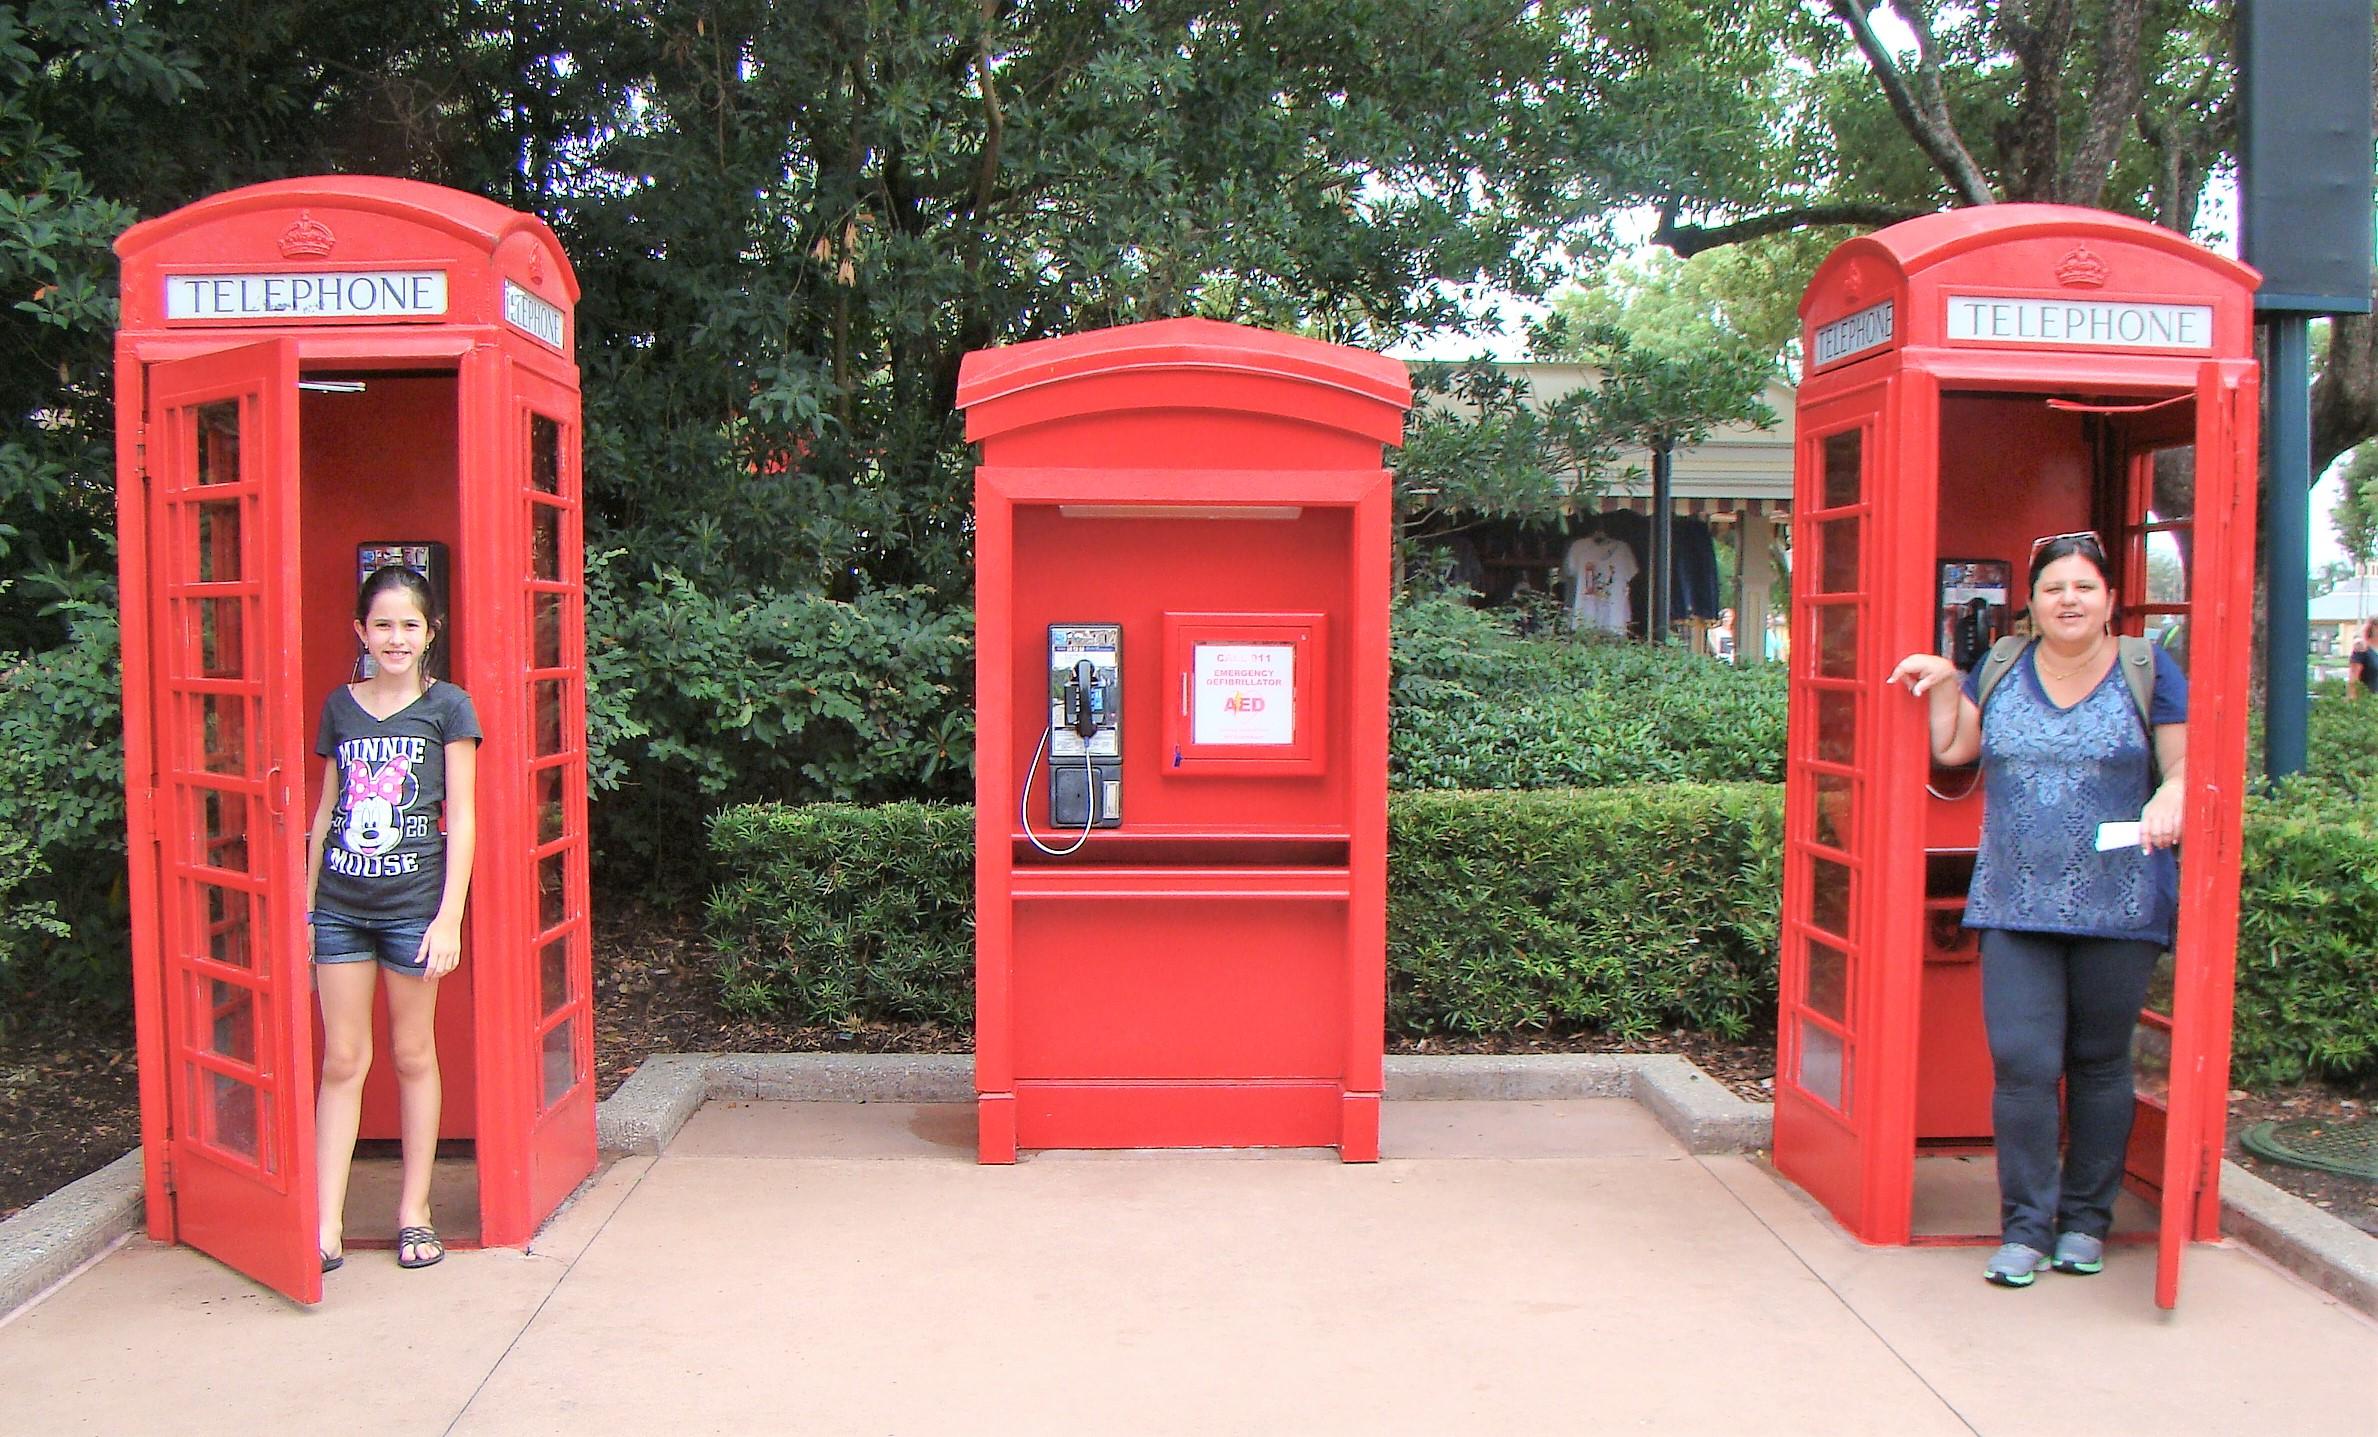 Os famosos telefones vermelhos de Londres